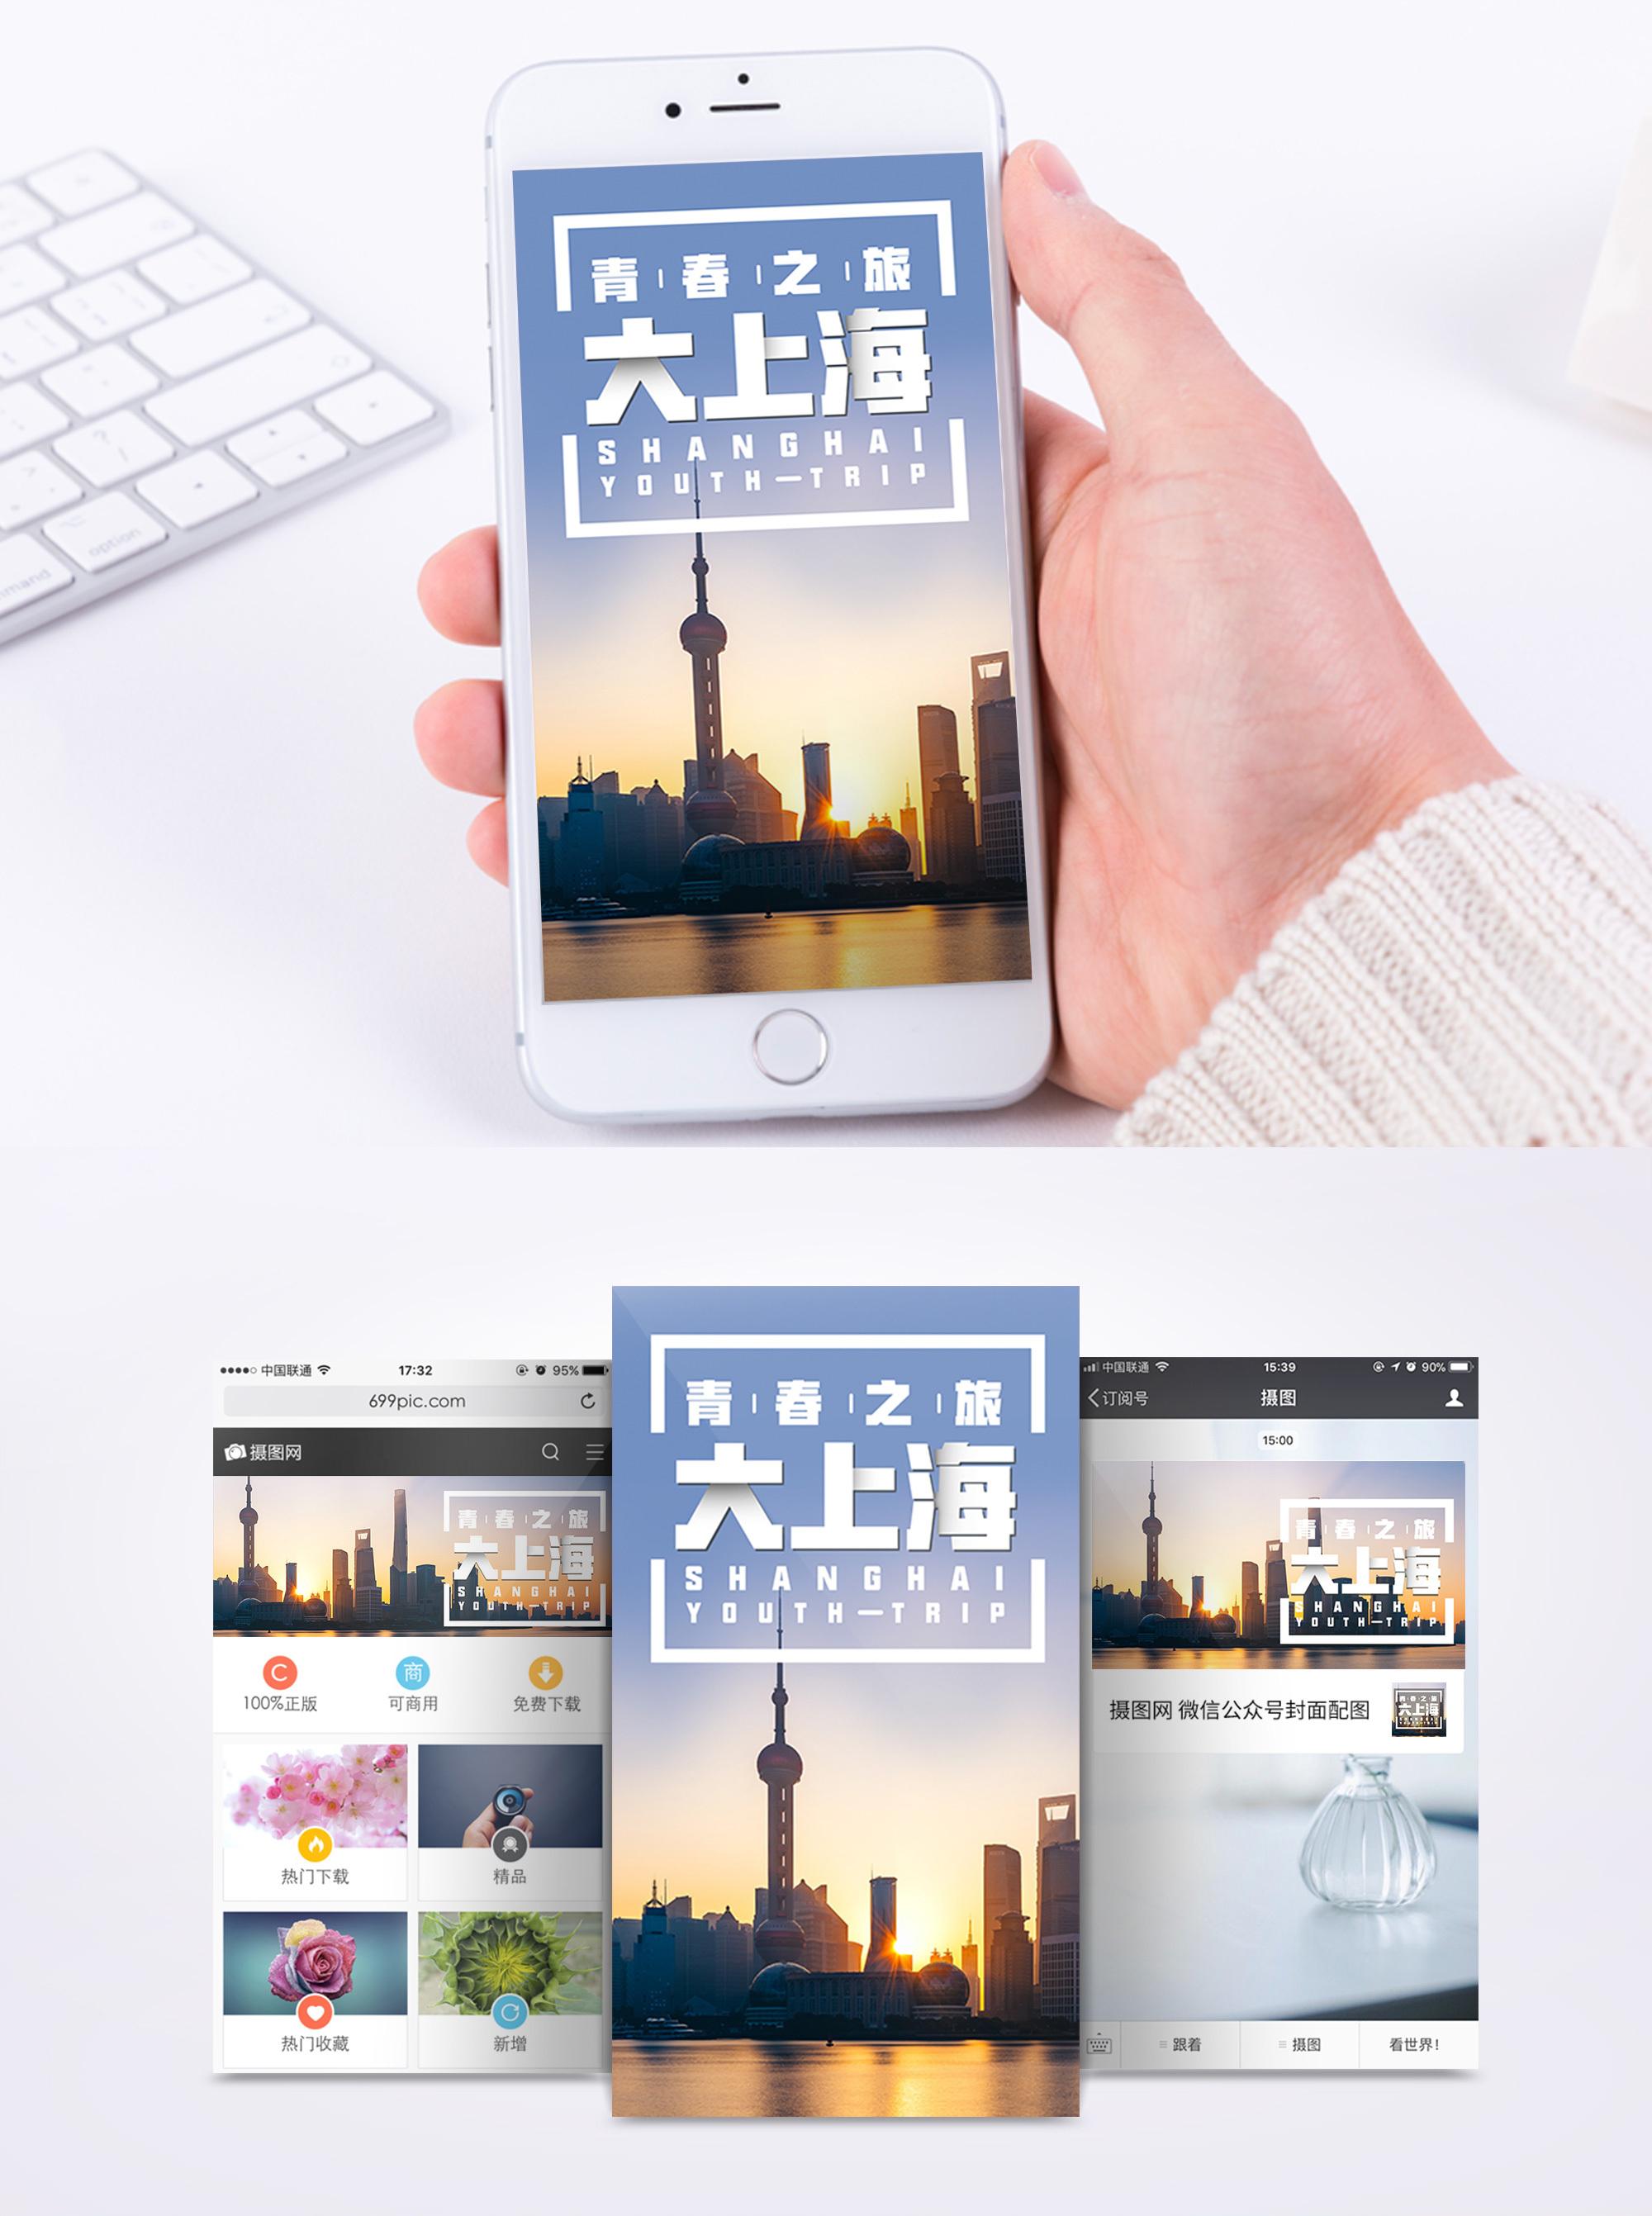 上海体育场手机海报_微信banner_微博配图下载-摄图网